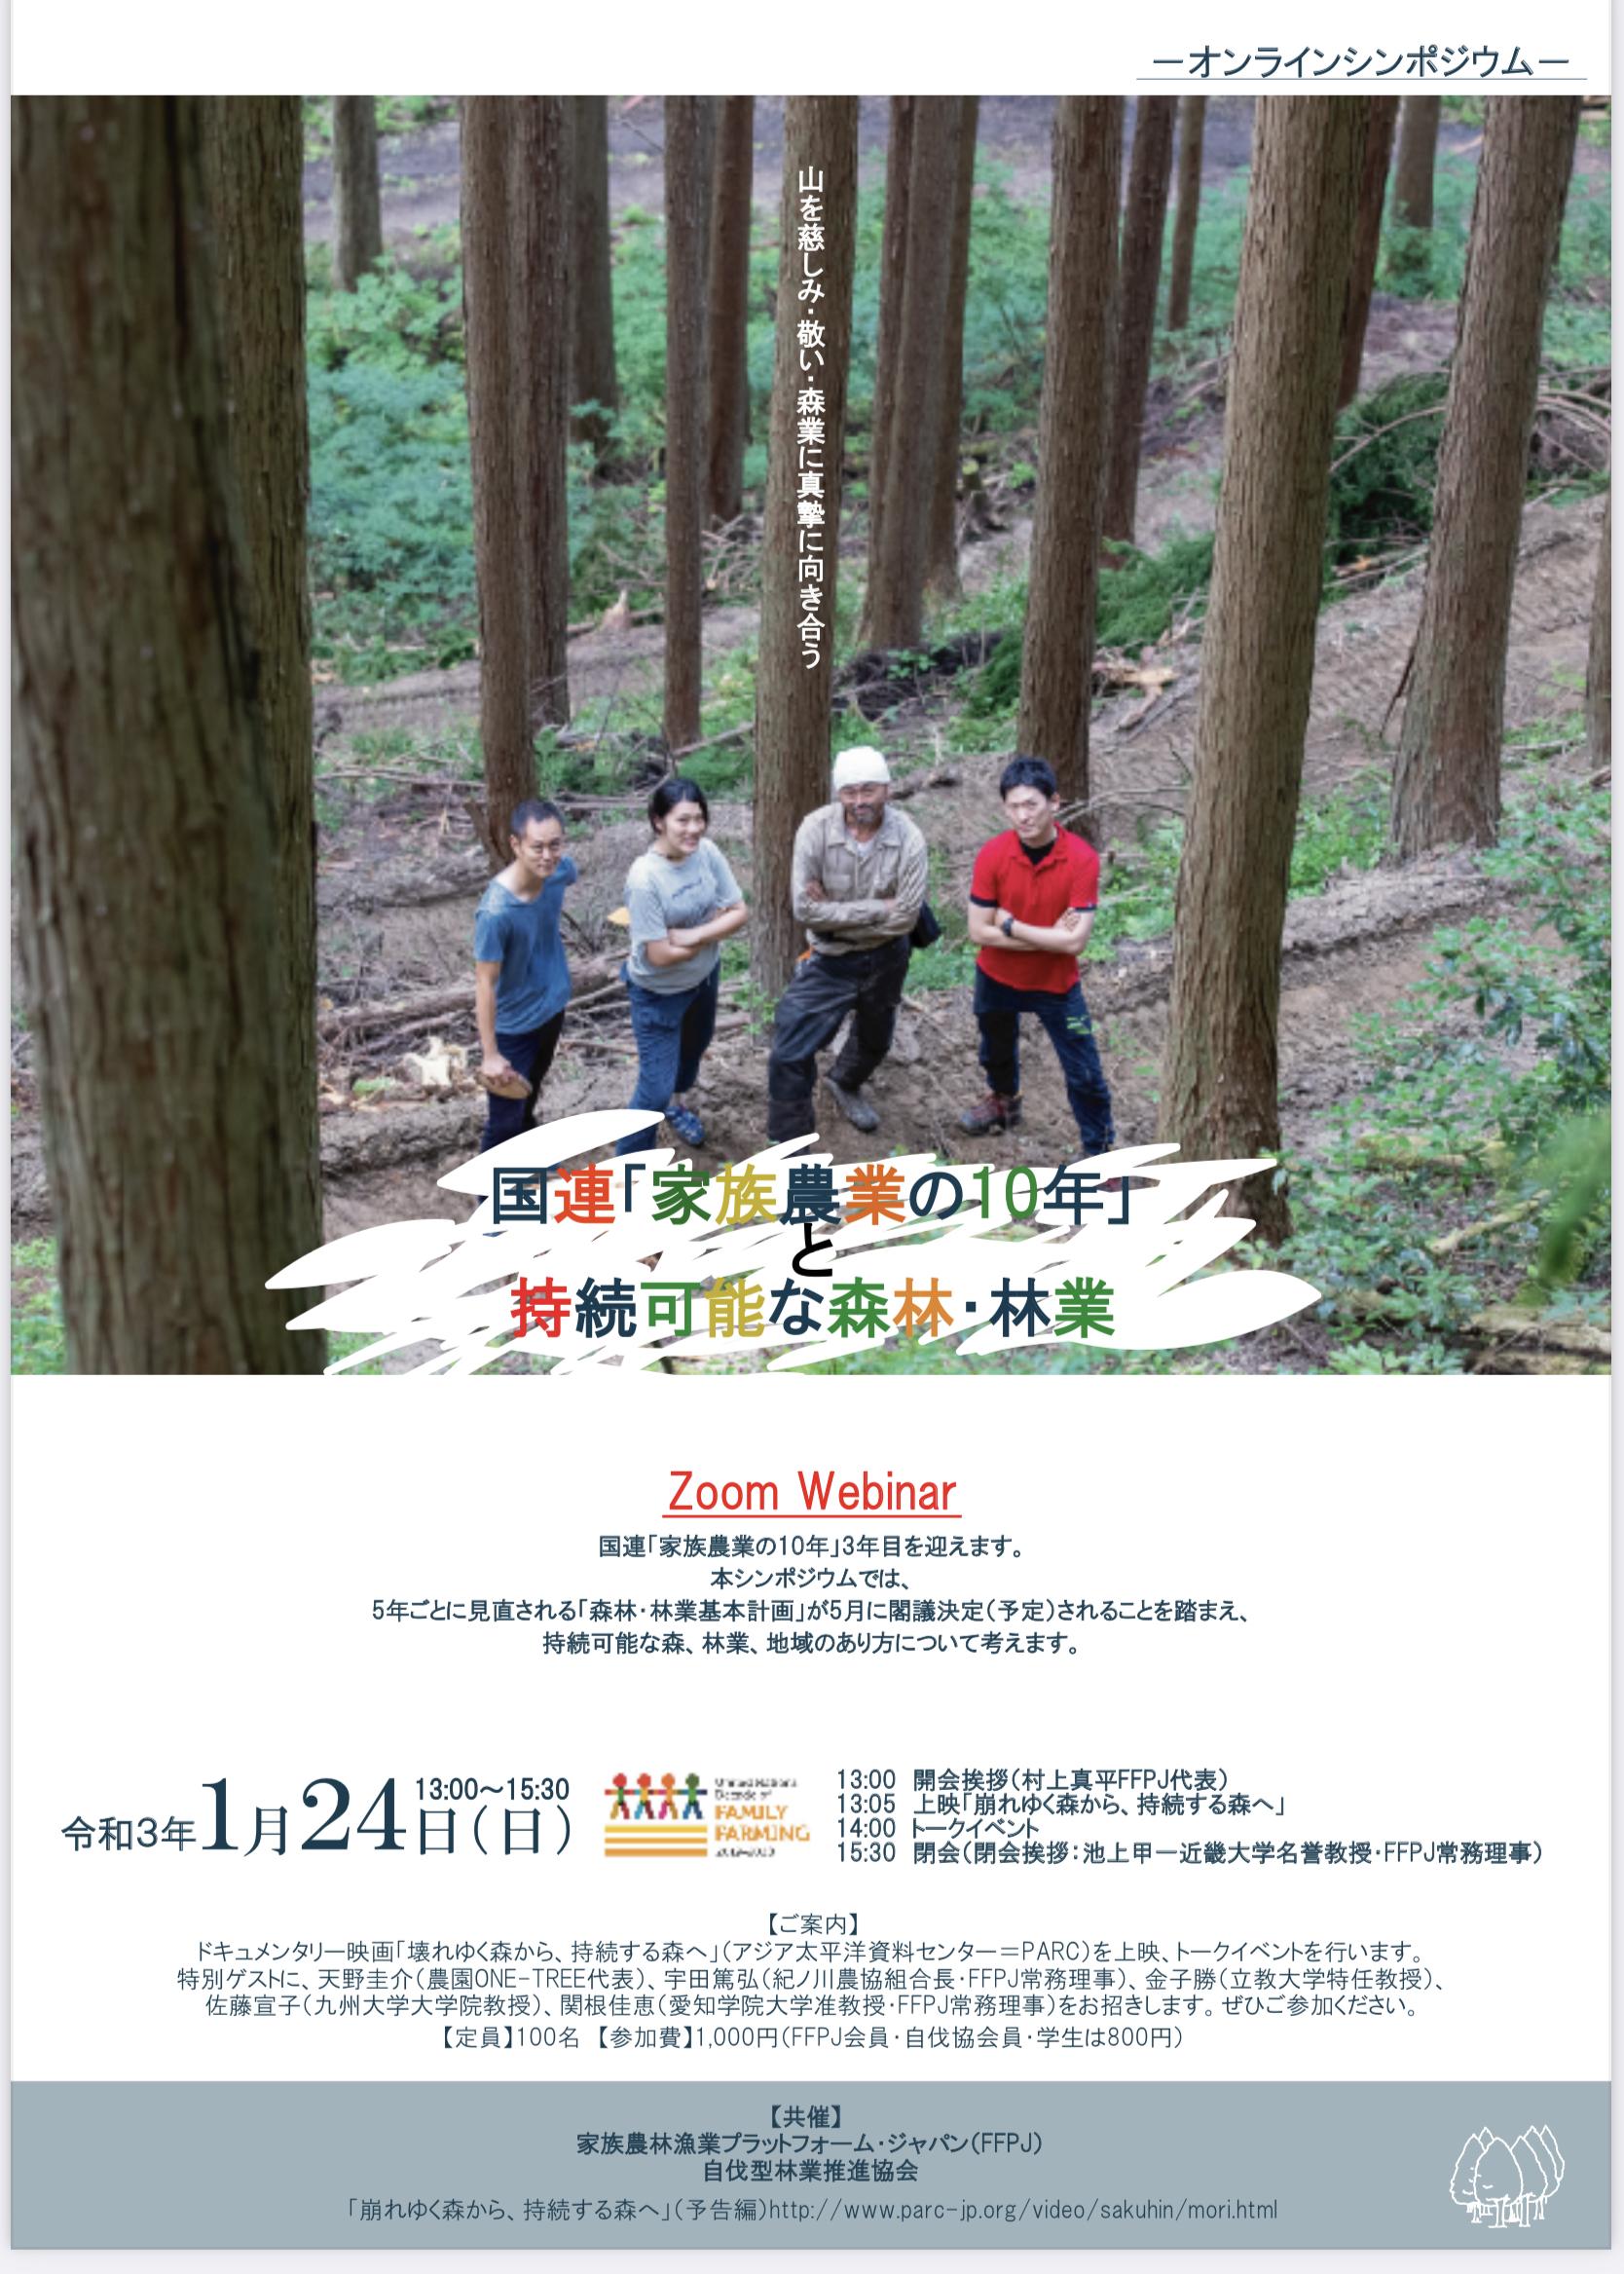 1月24日にオンラインシンポジウム<国連「家族農業の10年」と持続可能な森林・林業>を開催